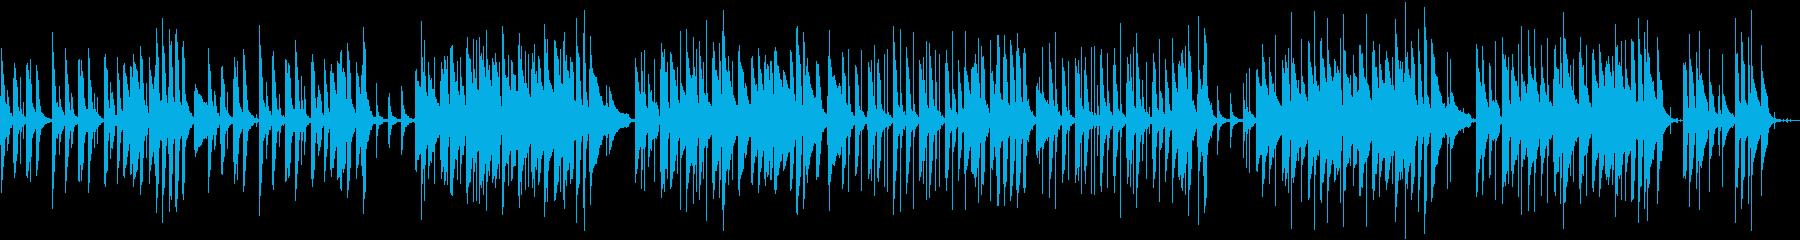 癒し系のピアノ曲の再生済みの波形